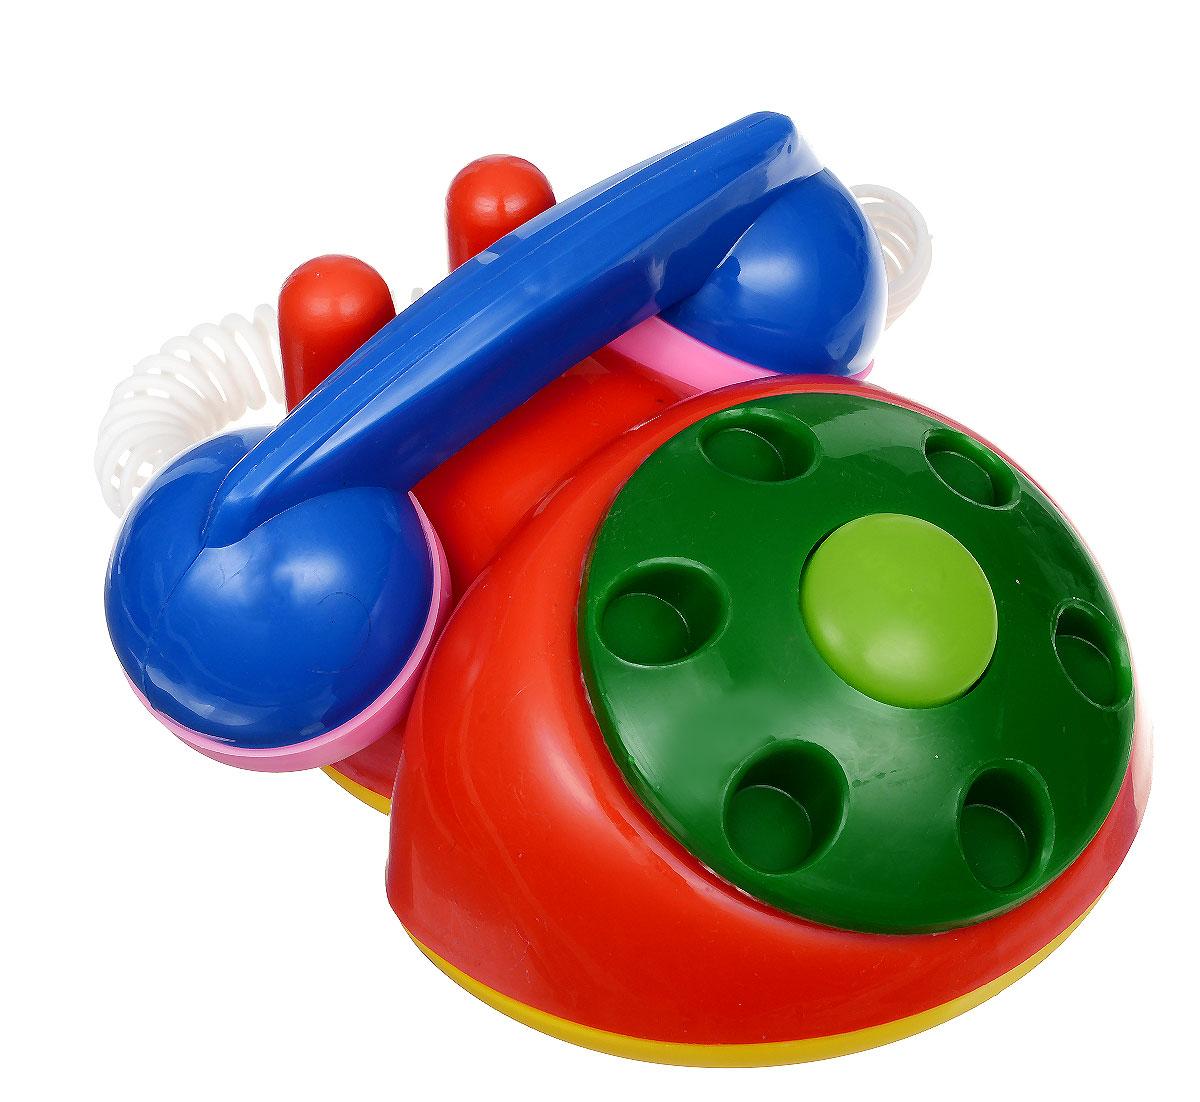 Аэлита Детский телефон цвет красный зеленый2С454_красный, зеленыйЯркий детский телефон Аэлита не оставит вашего малыша равнодушным и не позволит ему скучать! Игрушка представляет собой старинный дисковый аппарат с пружинным проводом, идущим к трубке. Небольшая трубка очень удобна по размерам для детских ручек. Диск крутится с мелодичным звоном, пружинный провод легко растягивается и собирается обратно. Яркие цвета игрушки направлены на развитие мыслительной деятельности, цветового восприятия, тактильных ощущений и мелкой моторики рук ребенка, а элемент набора номера на телефоне способствует развитию слуха.